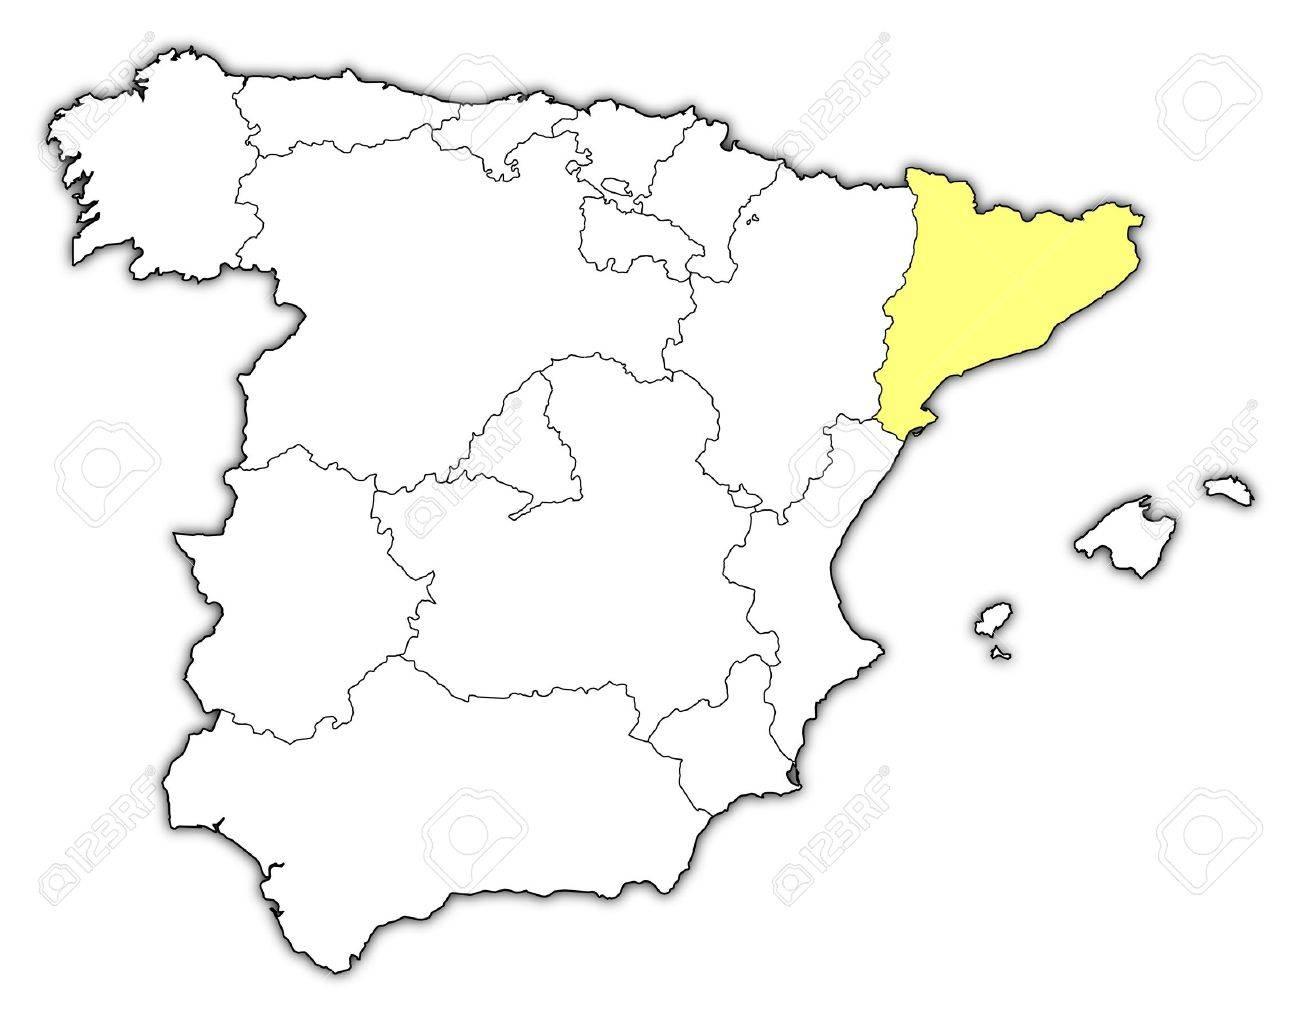 Cartina Muta Spagna Con Regioni.Vettoriale Mappa Politica Della Spagna Con Le Varie Regioni In Cui E Evidenziato Catalogna Image 11566167